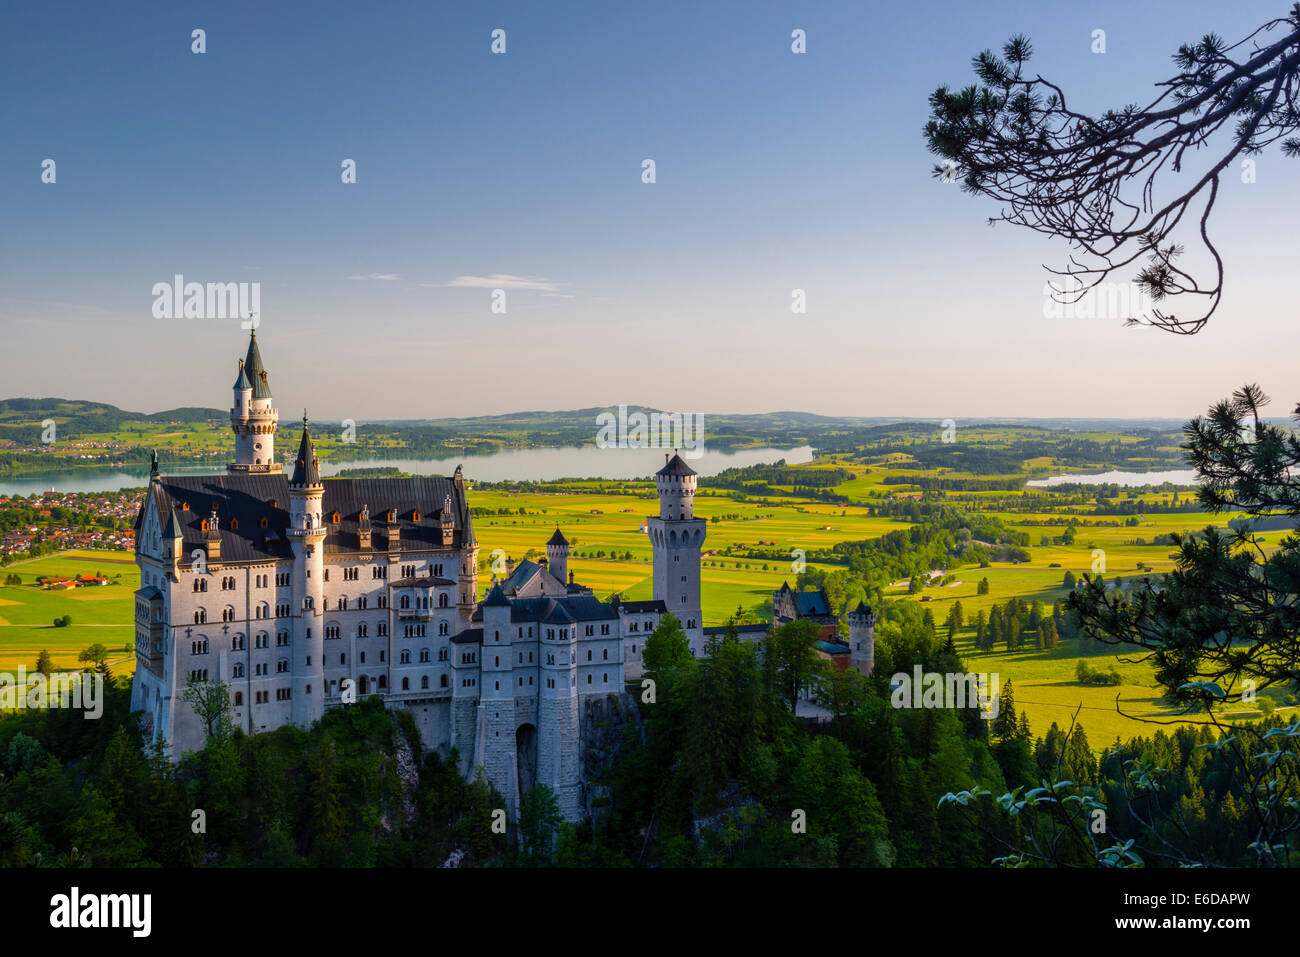 Deutschland, Bayern, Swabia, Allgäu, Ost-Allgäu, Schwangau, Hohenschangau, Schloss Neuschwanstein Stockbild